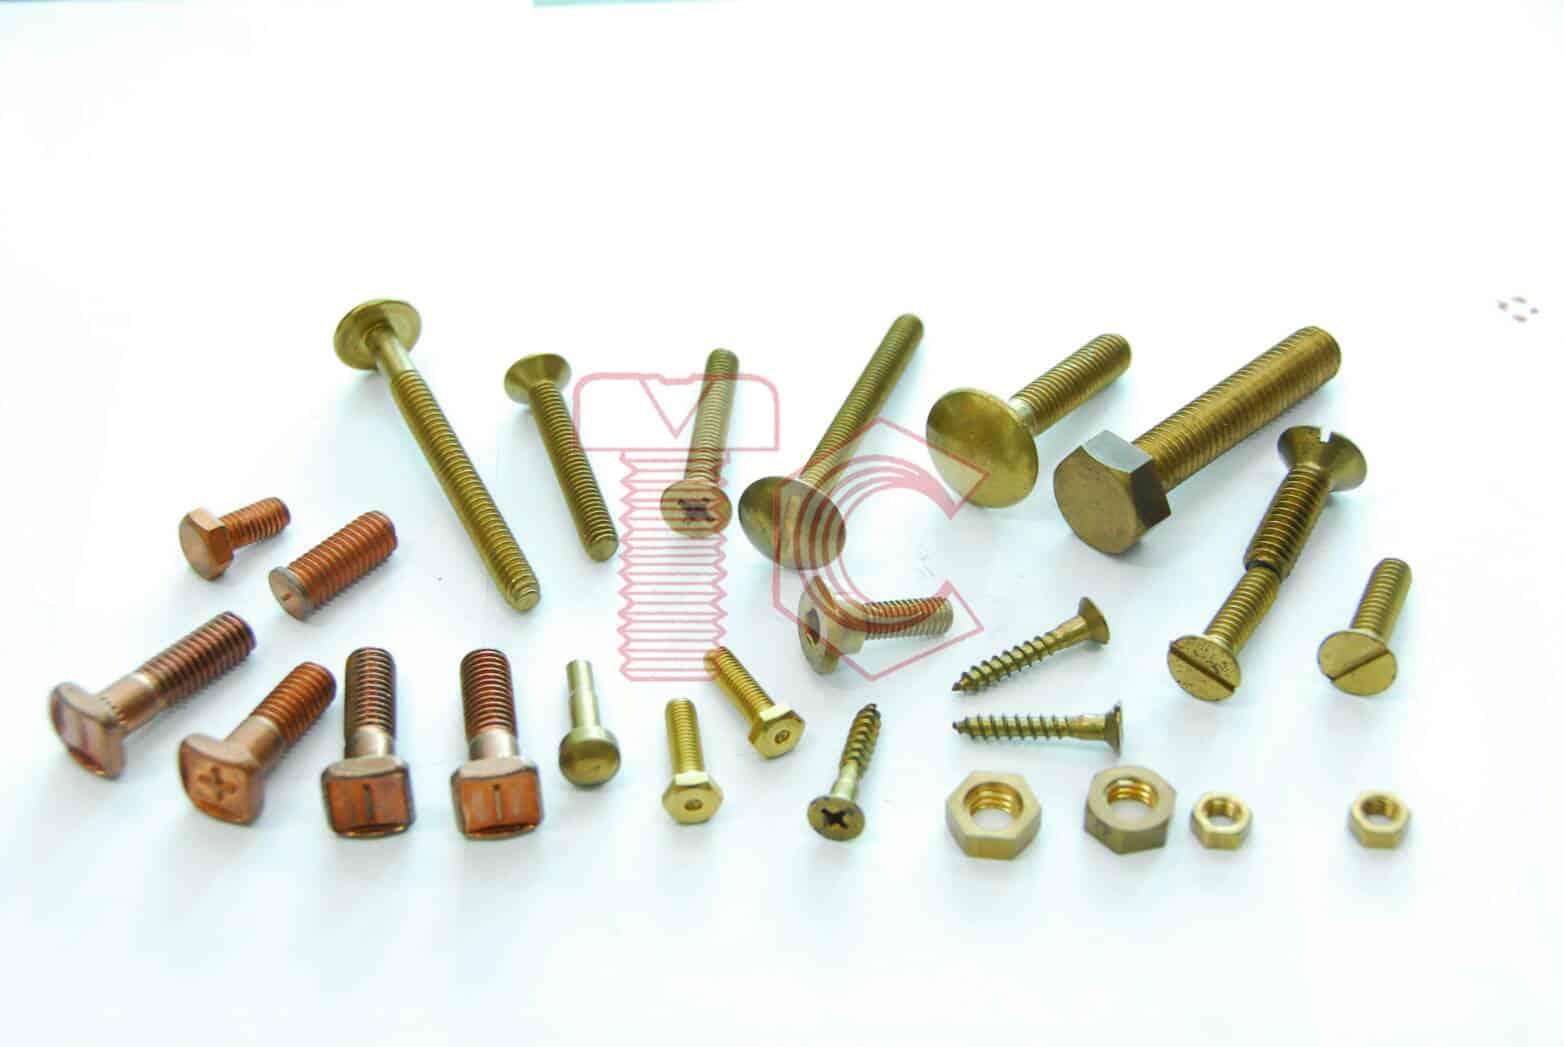 ชนิดหัวสกรู หัว PAN ,FLAT,TRUSS,OVAL,TORX,SOCKET , หกเหลี่ยม,สี่เหลียม, หัวติดแหวน และอื่น ๆ ตามลูกค้าต้องการ